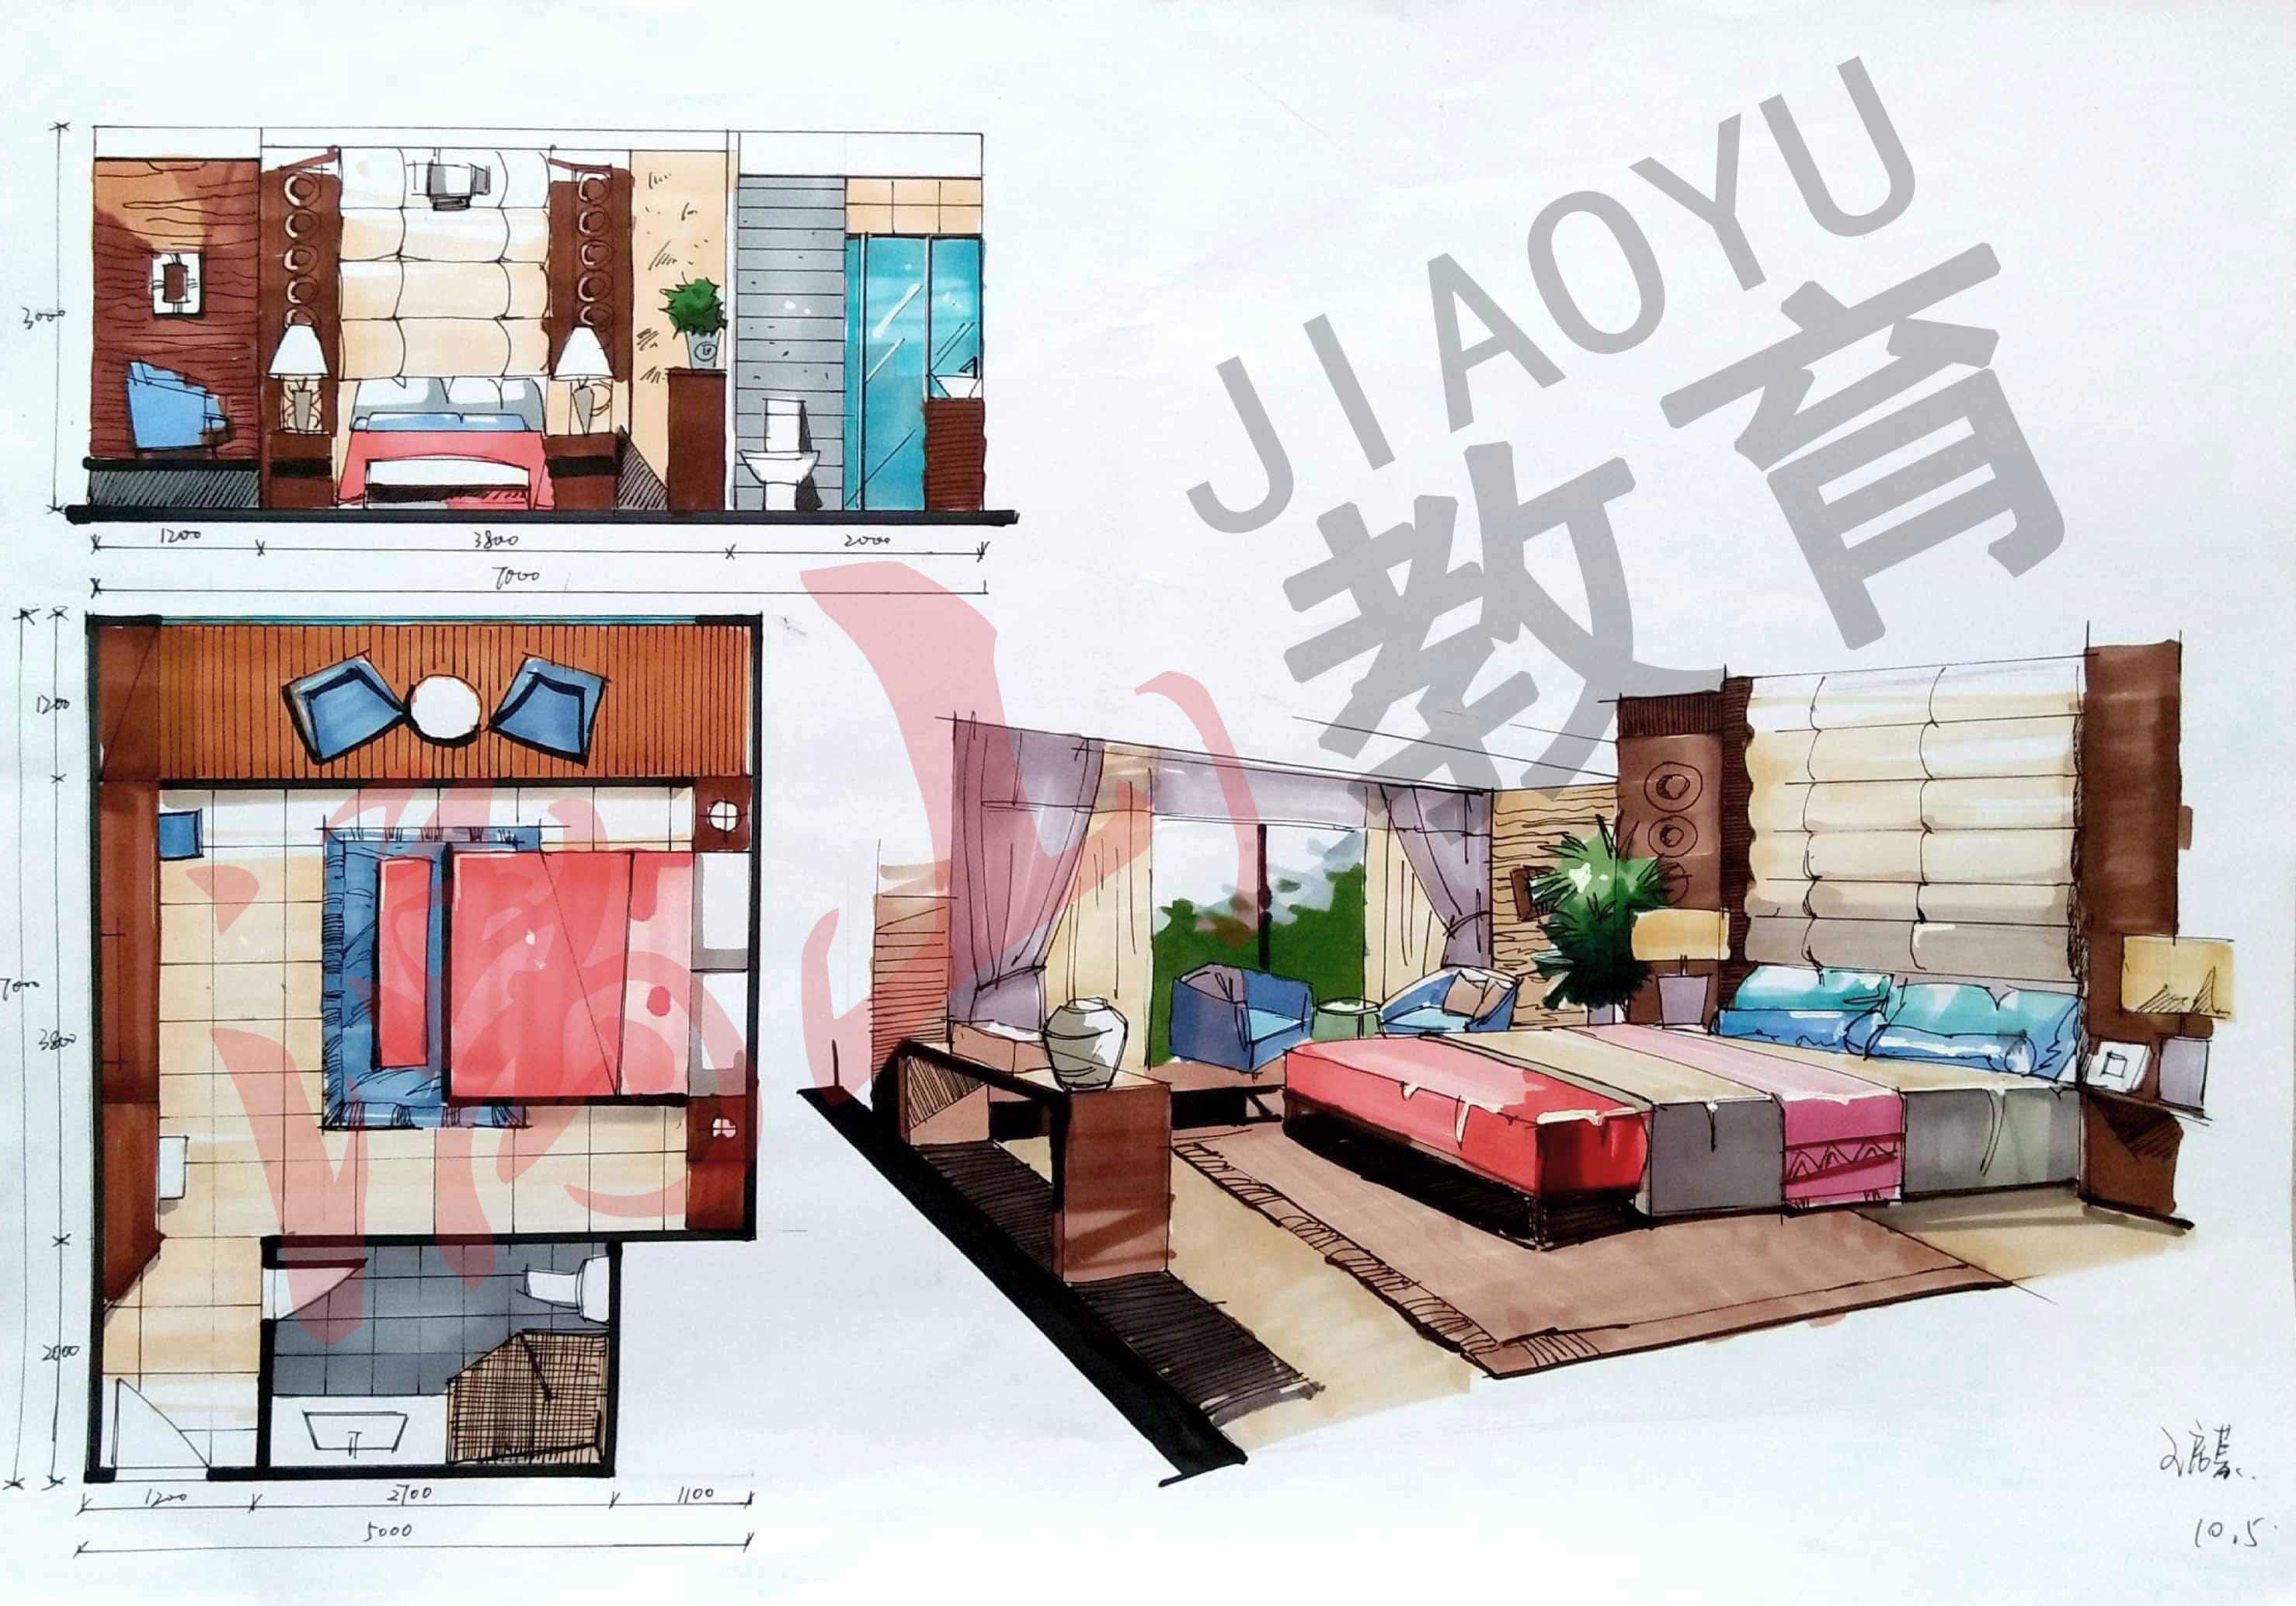 室内设计手绘基础到快题提升